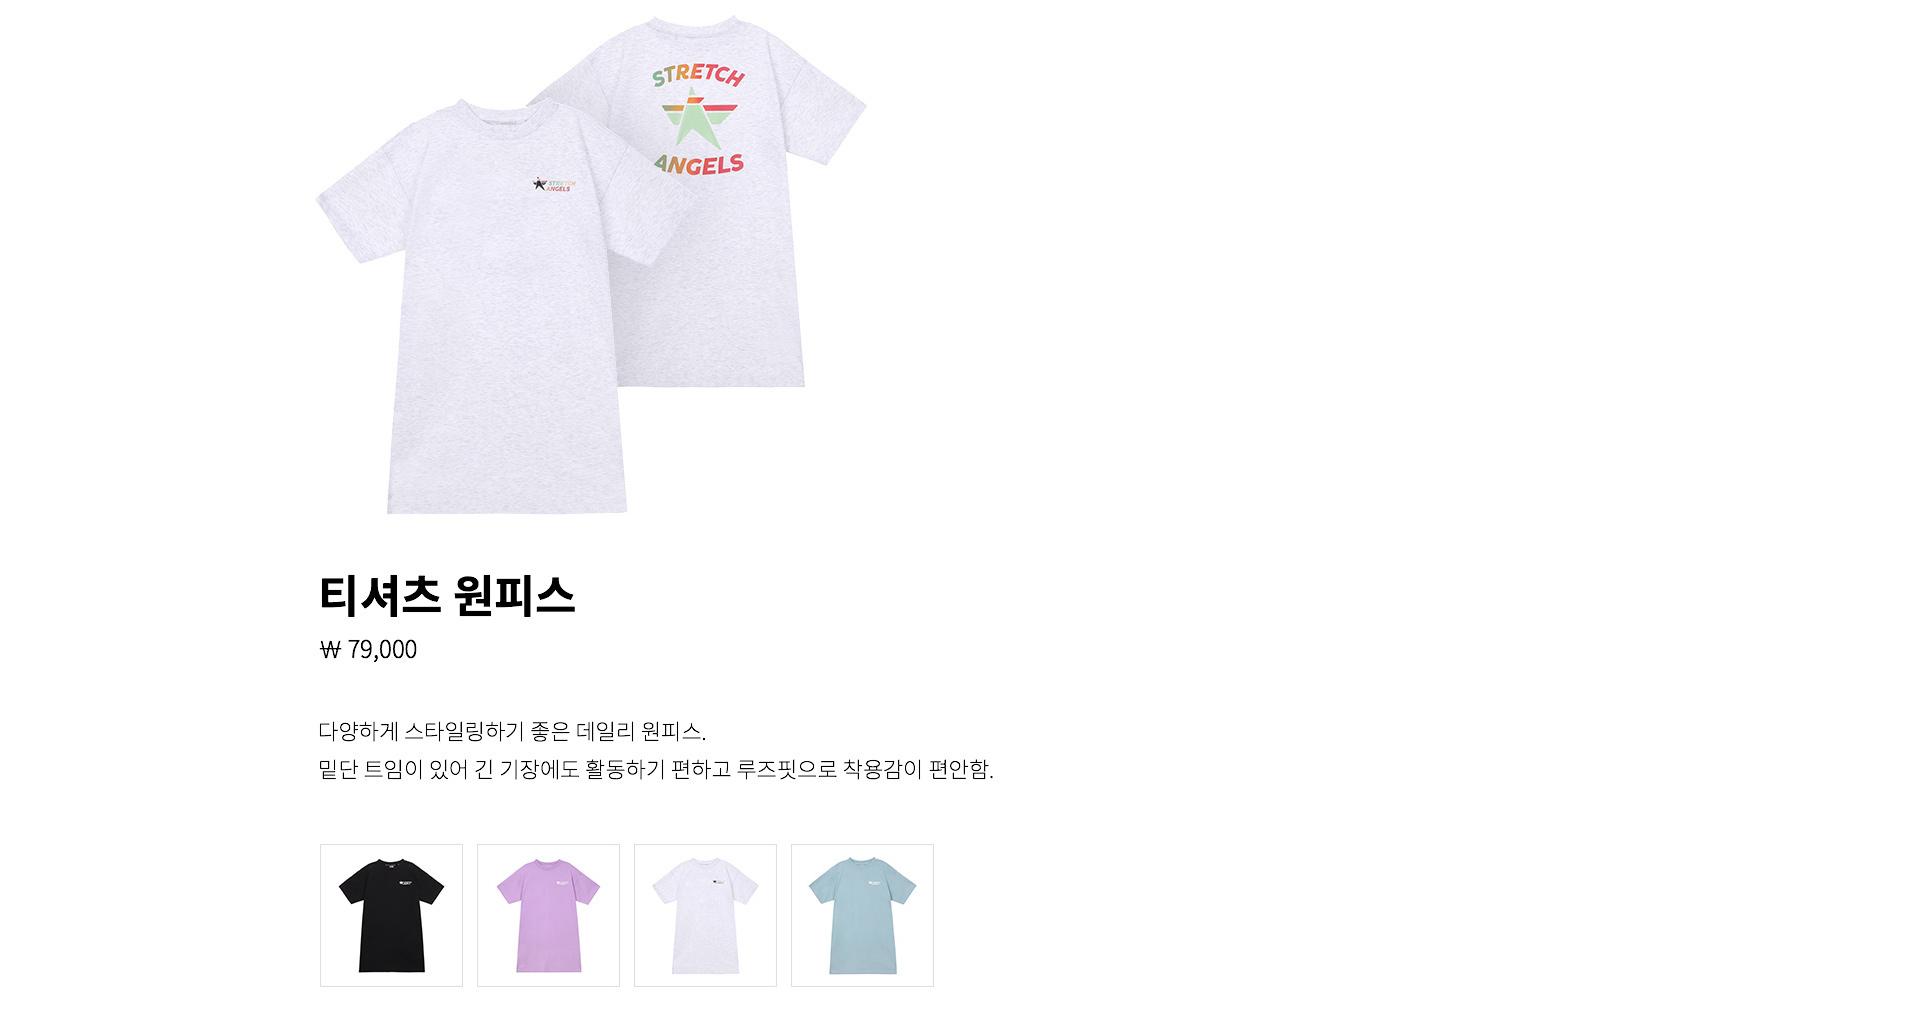 티셔츠 원피스 ₩79,000 다양하게 스타일링하기 좋은 데일리 원피스. 밑단 트임이 있어 긴 기장에도 활동하기 편하고 루즈핏으로 착용감이 편안함.